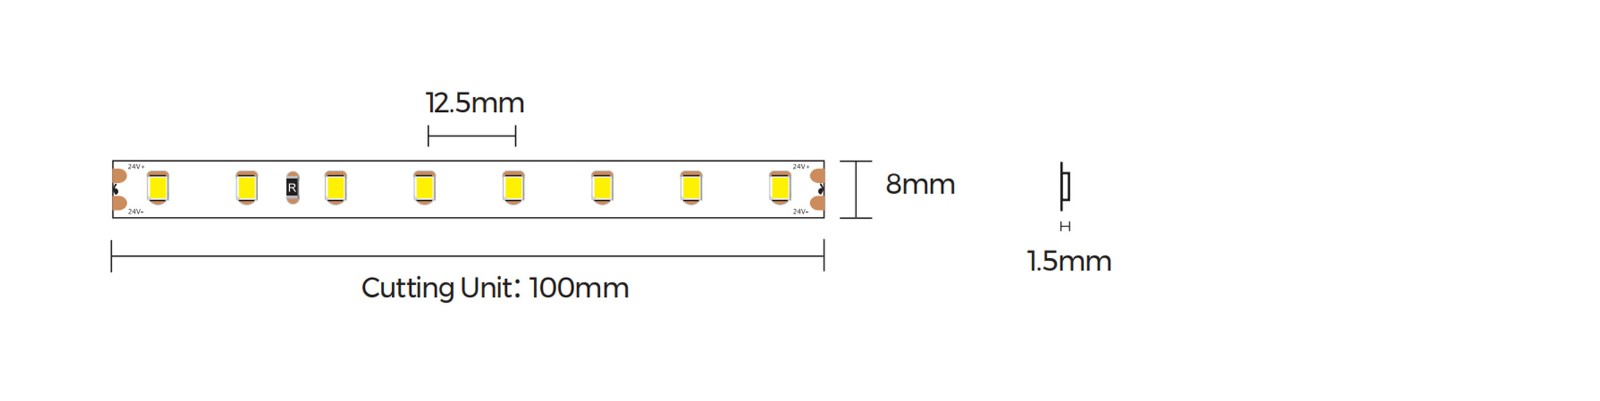 D880-24V-8mm